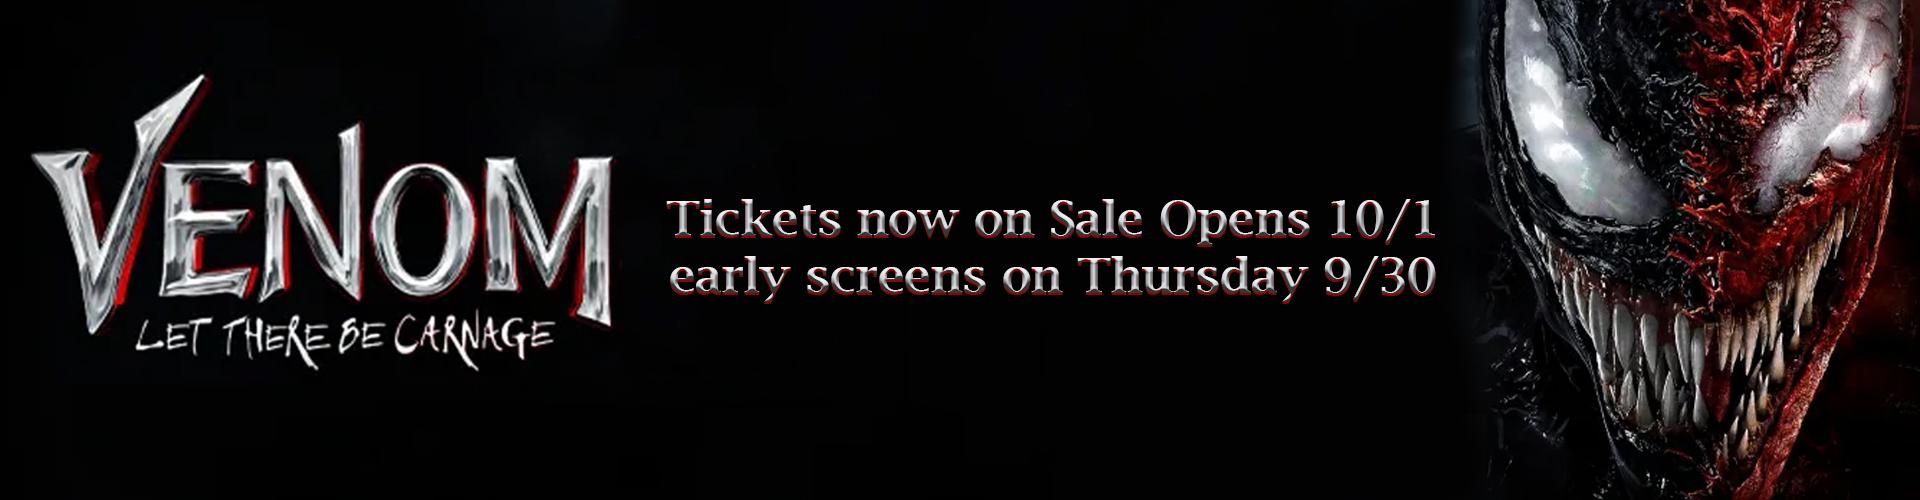 Venom2_tickets_WebsiteBanner